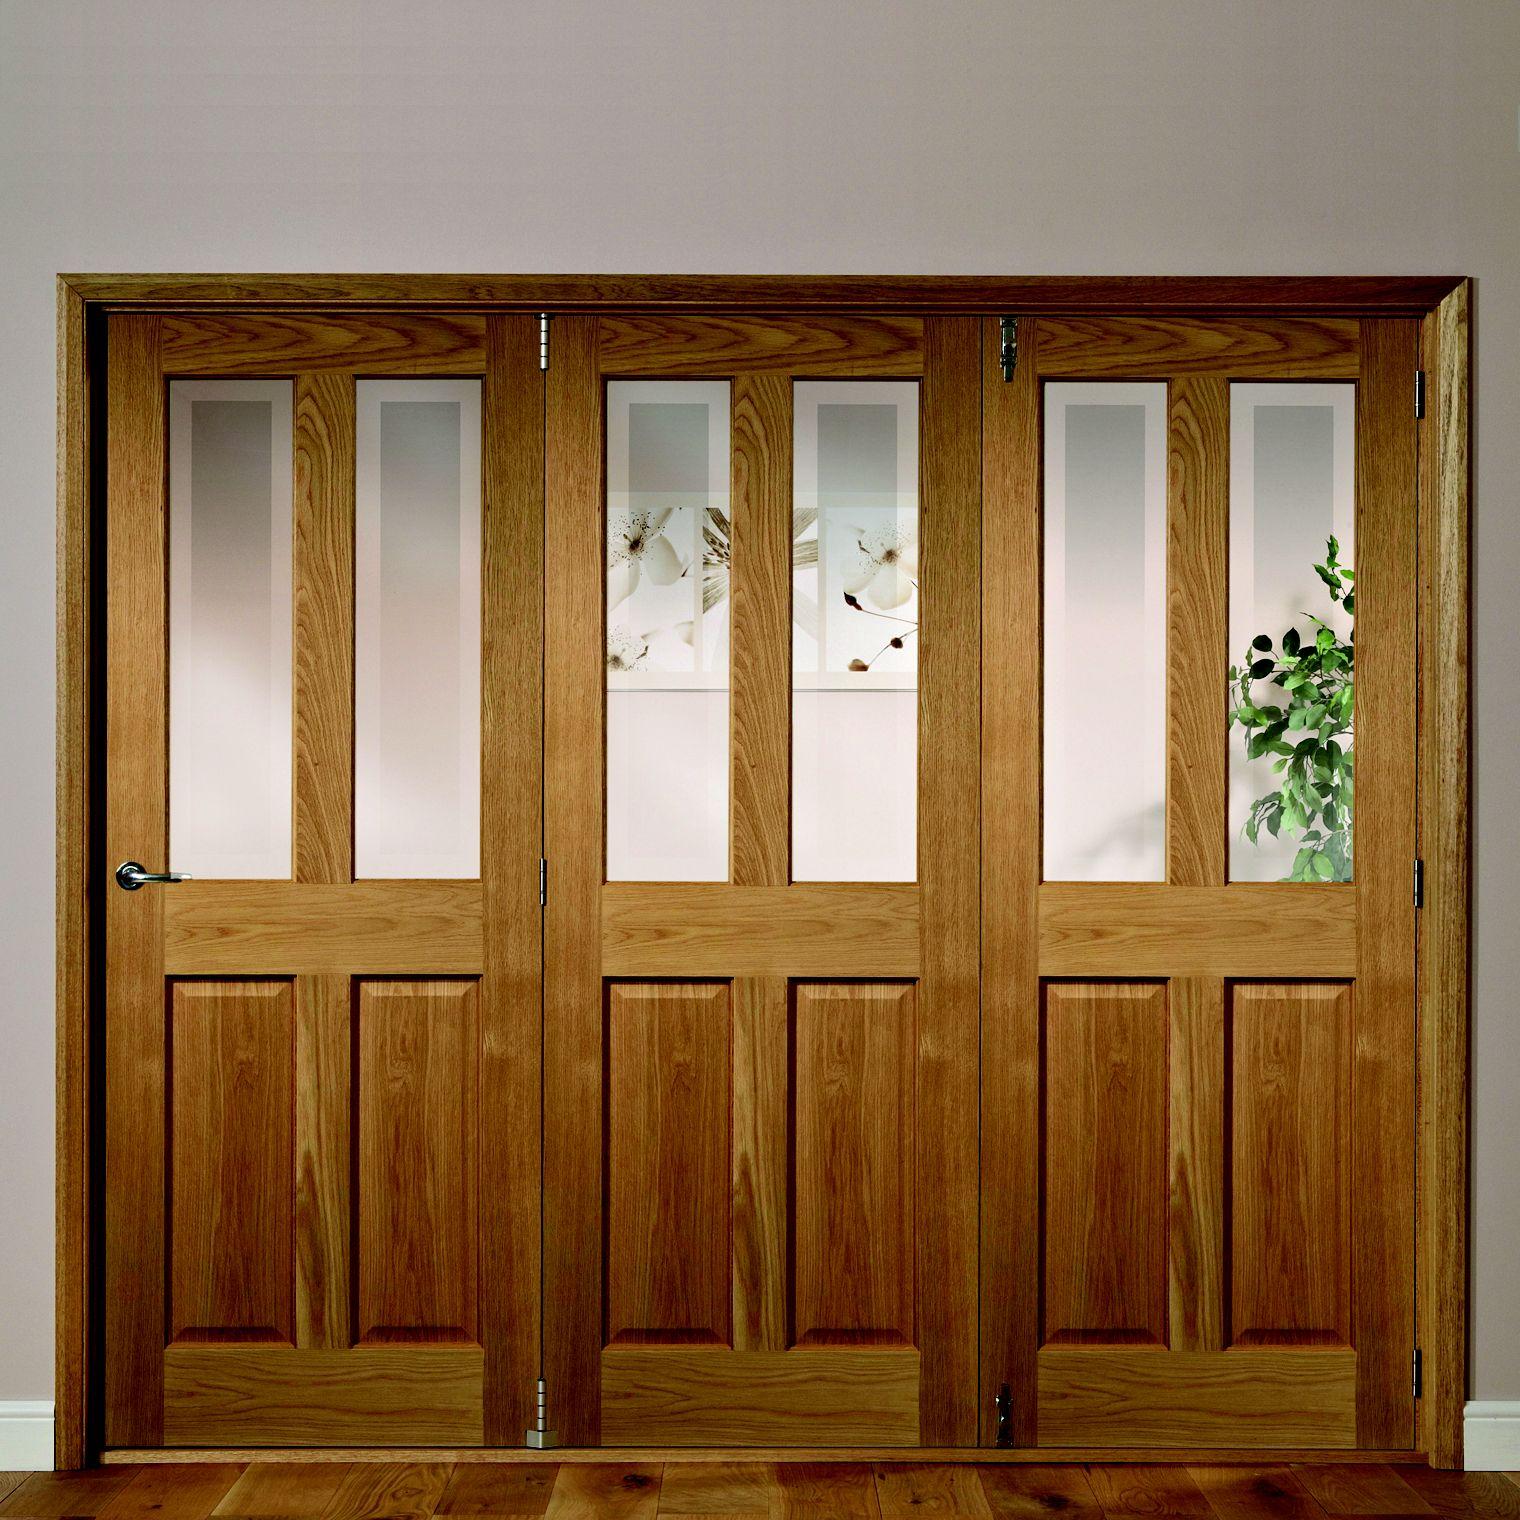 Elveden 4 Panel 2 Lite Oak Veneer Glazed Internal Folding Door RH ...